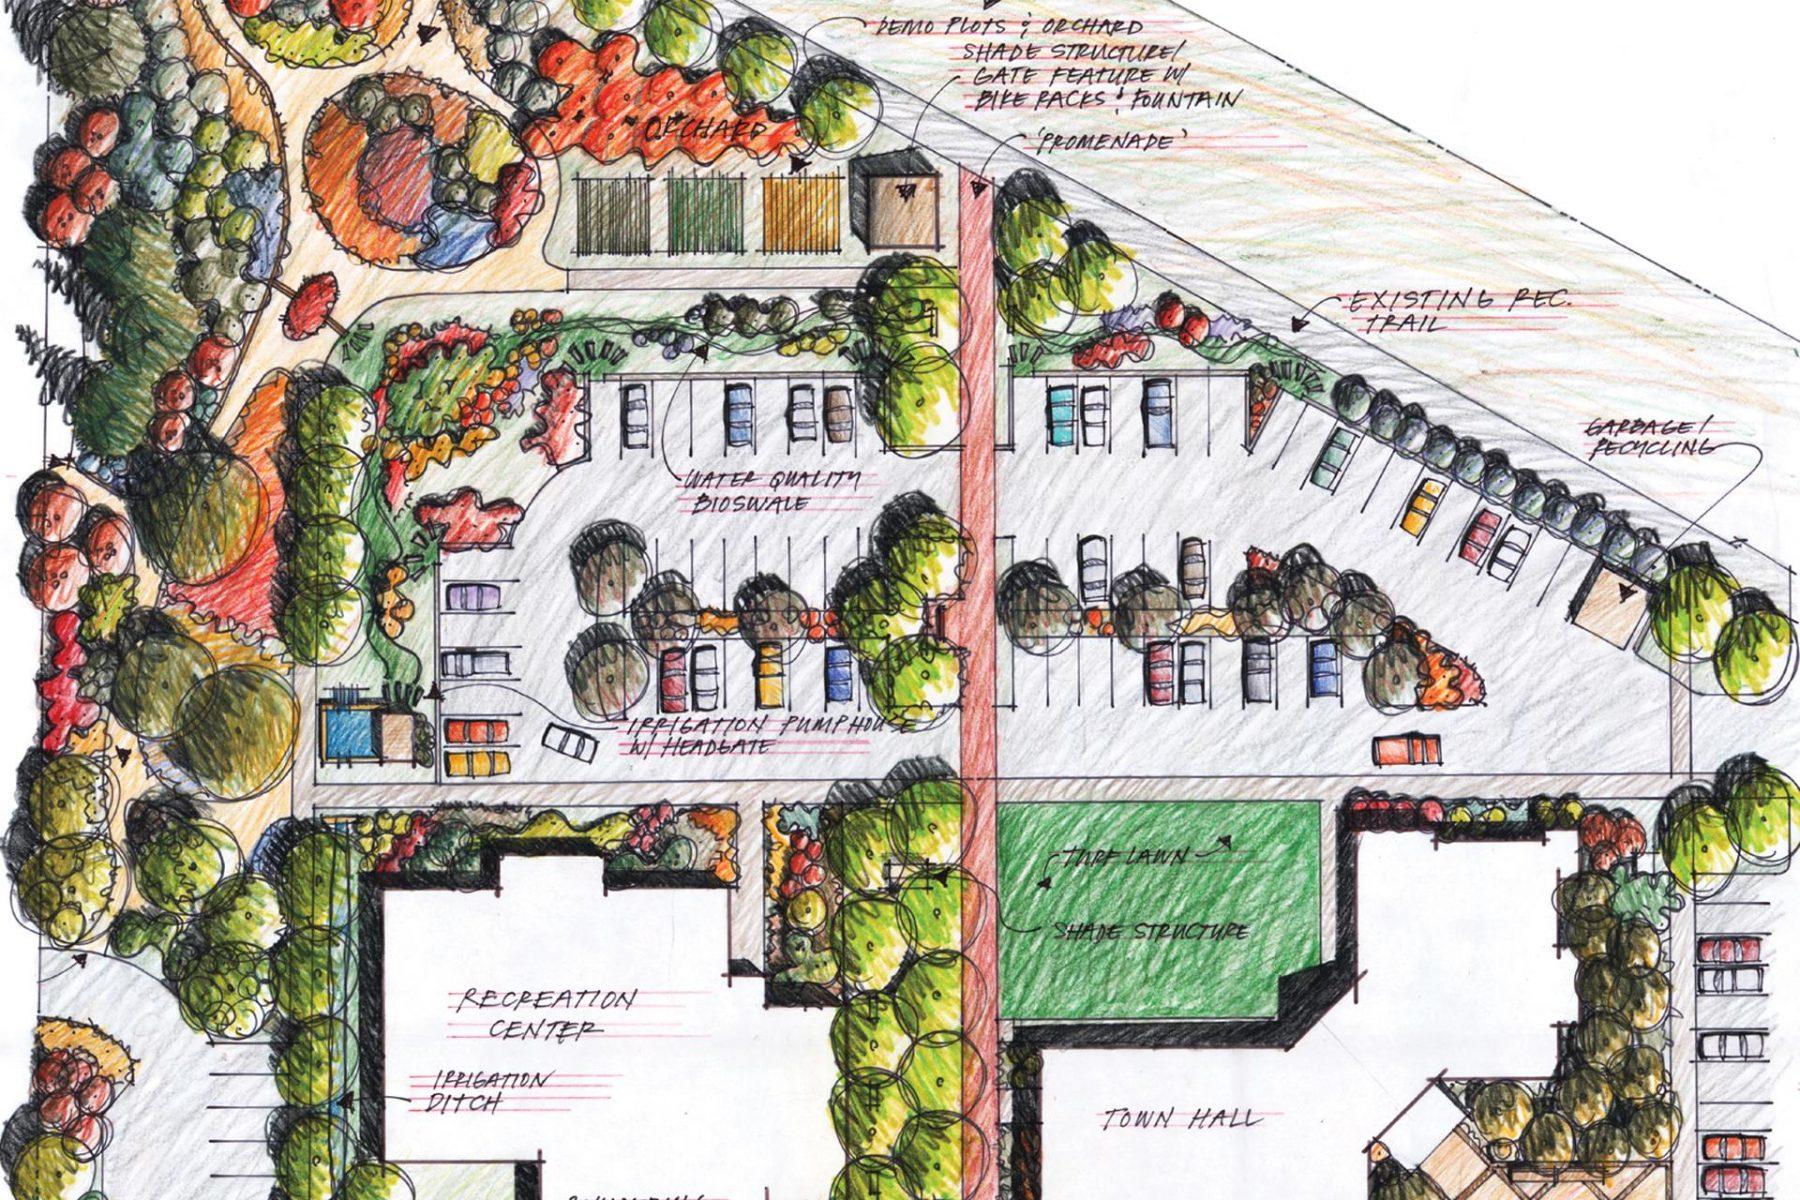 Carbondale Recreation Center Landscape Architecture